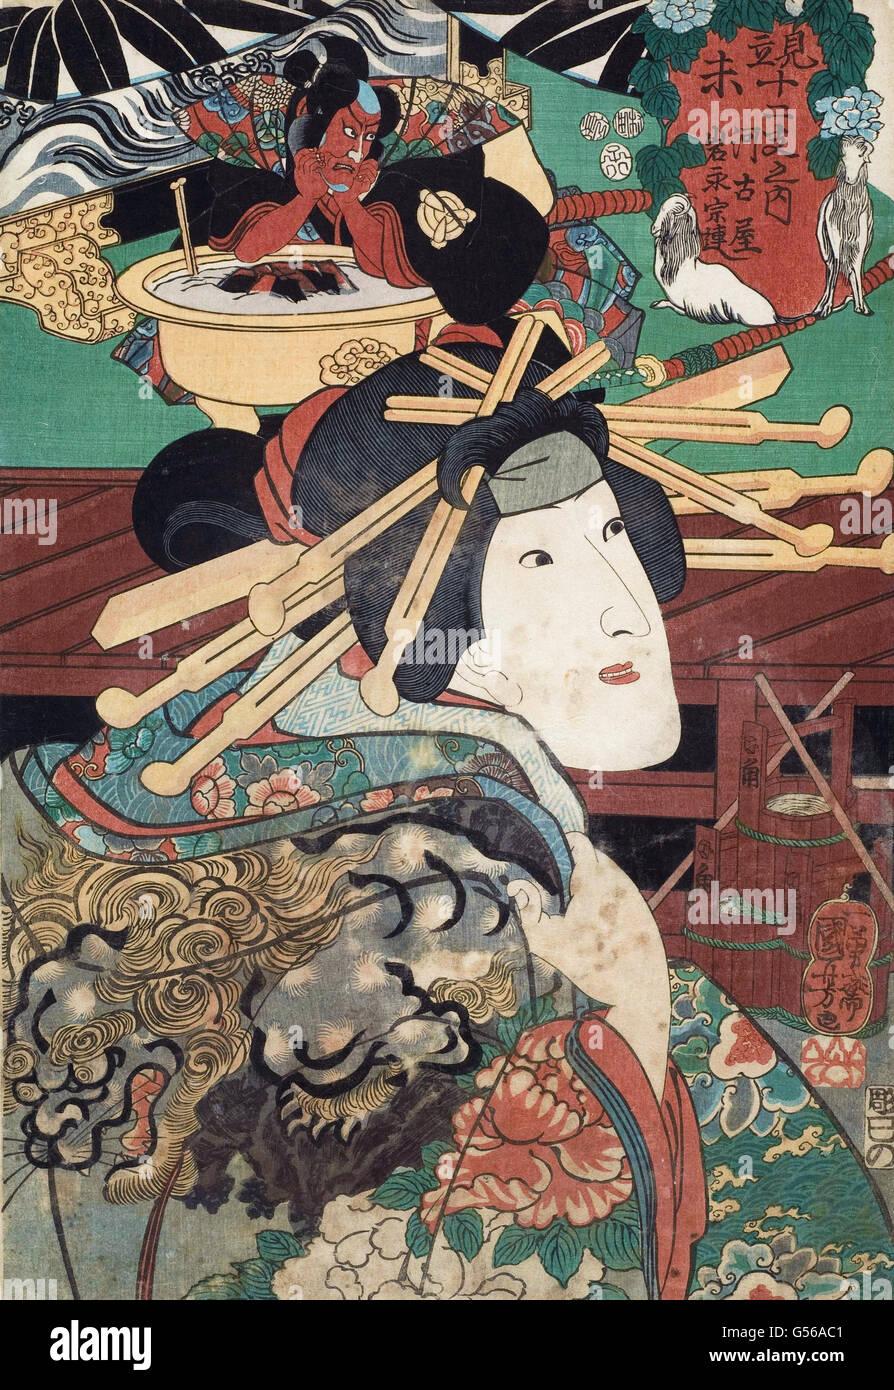 Utagawa Kuniyoshi - Woodcut (579006) - Stock Image